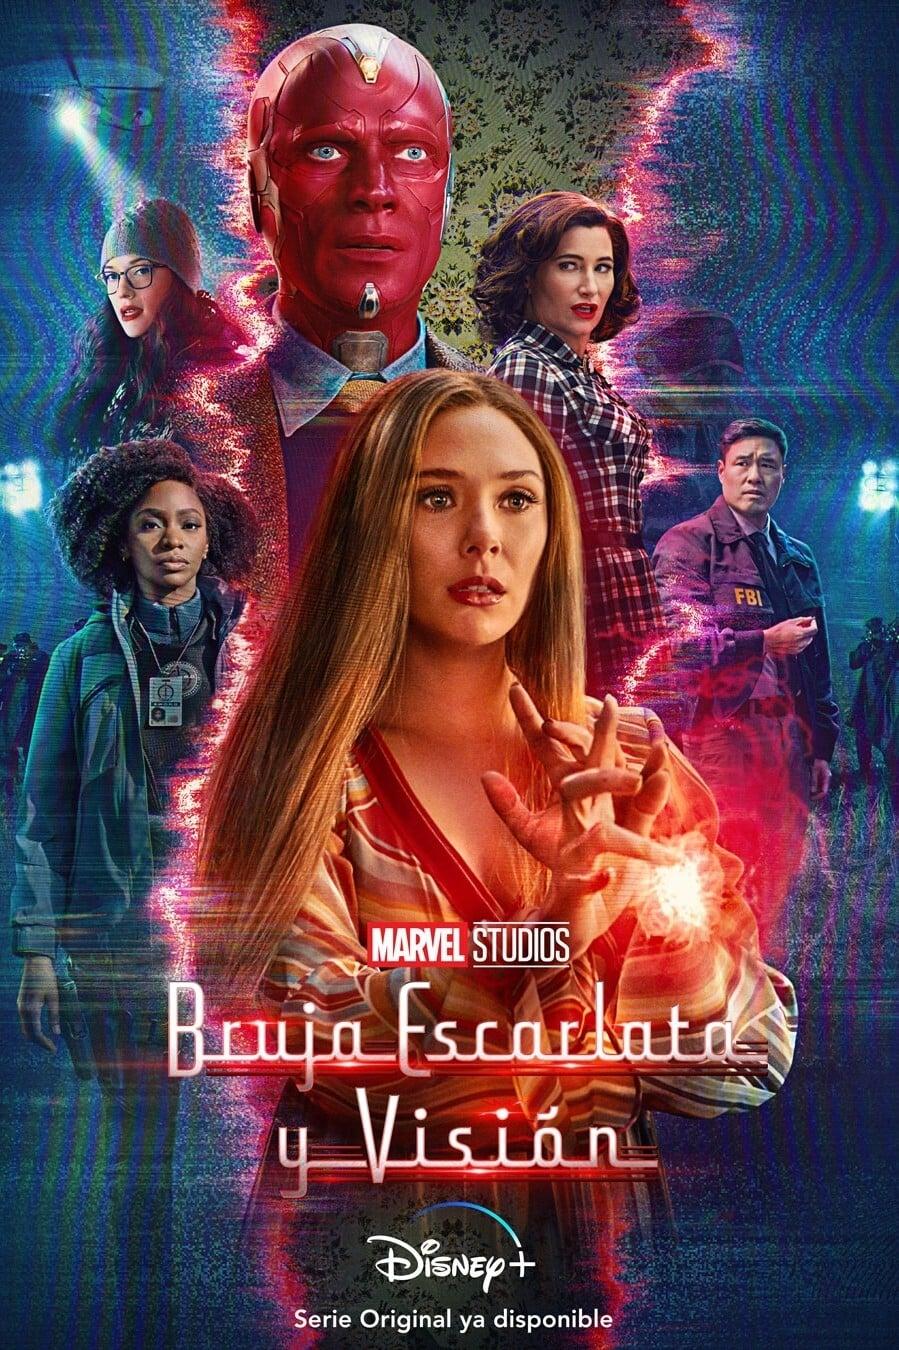 Bruja Escarlata y Visión poster